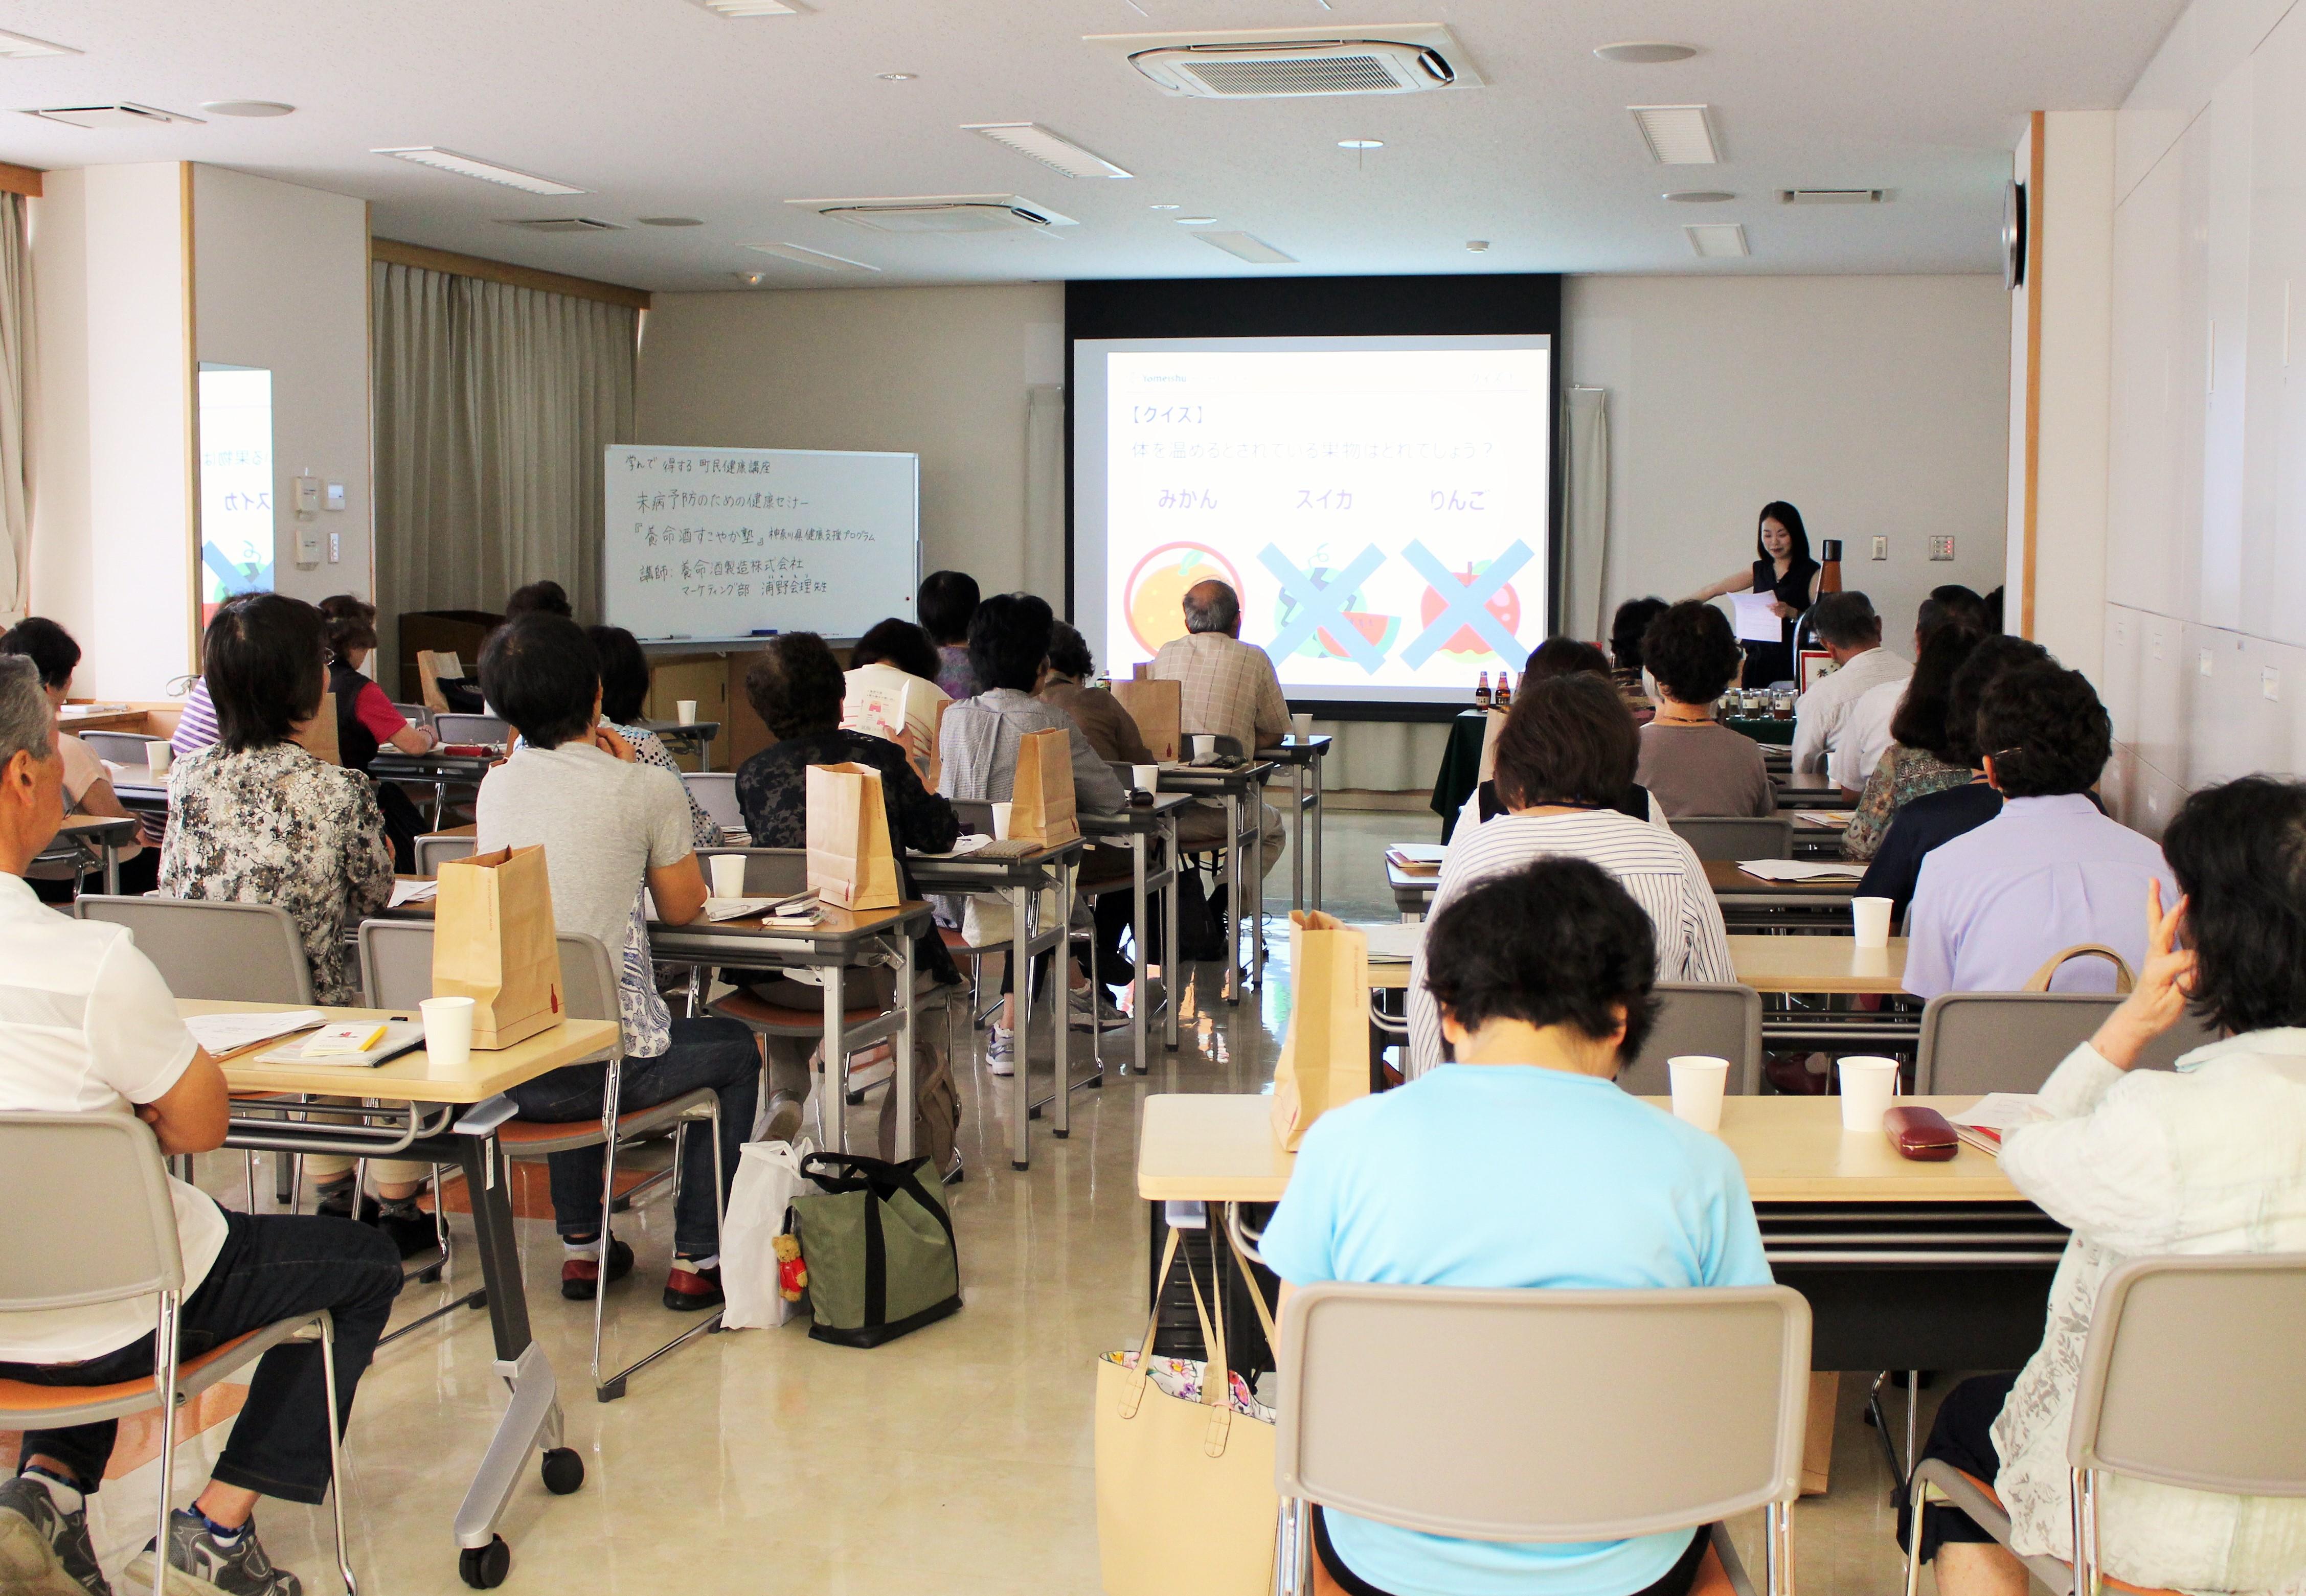 神奈川県健康支援プログラム「未病予防のための健康セミナー」を開催しました